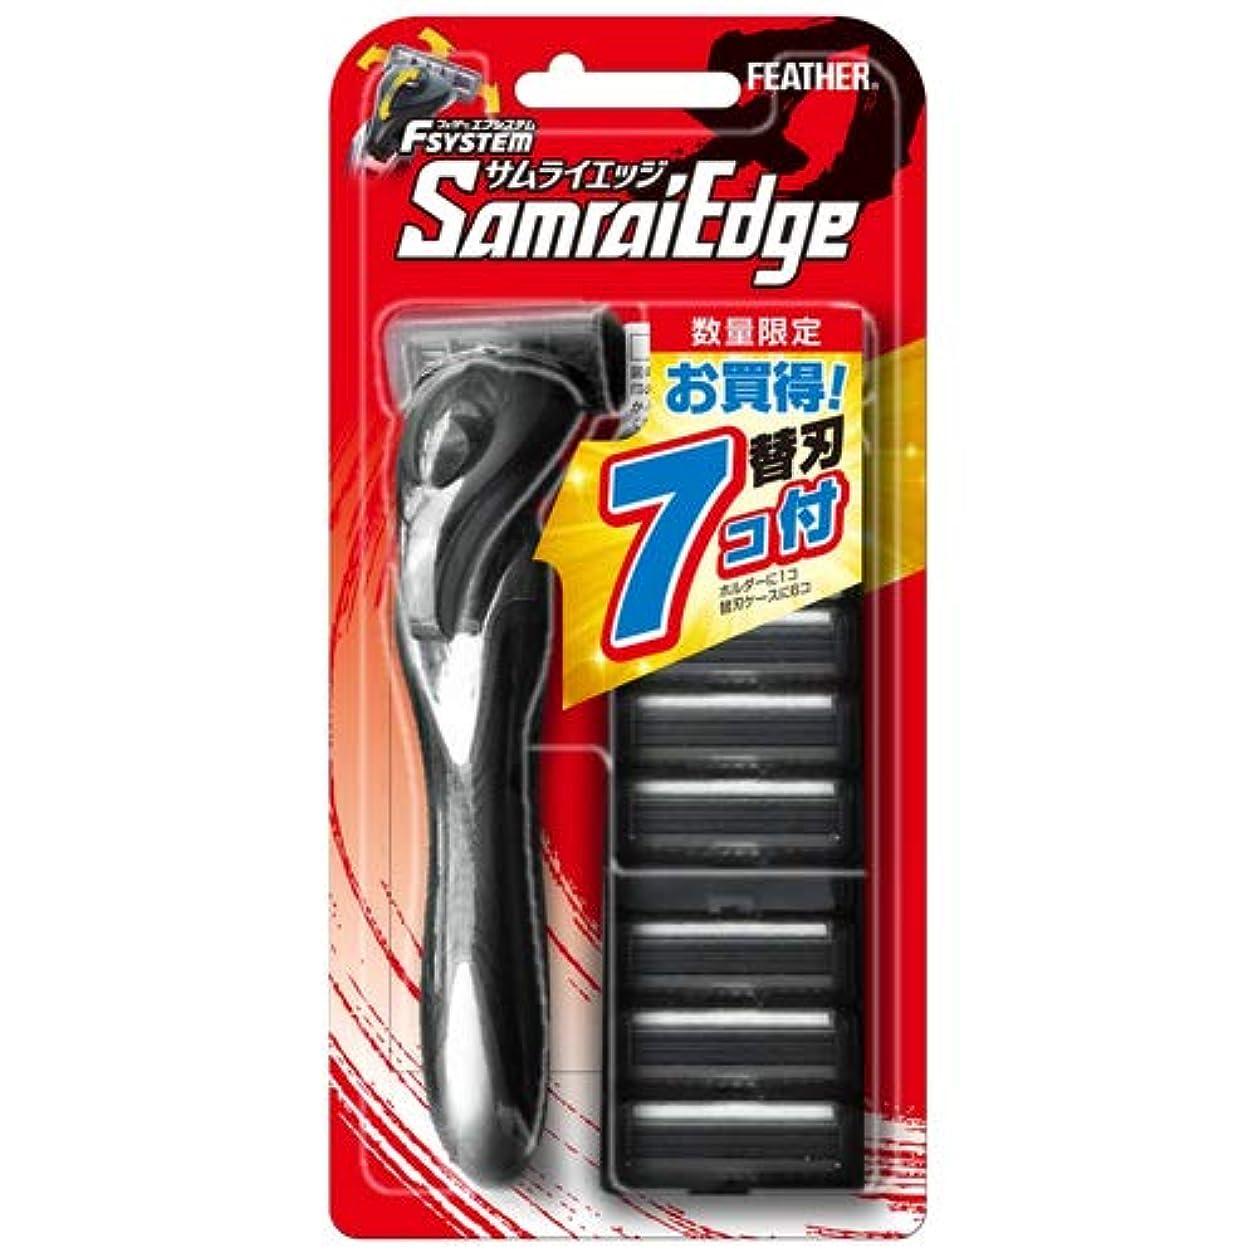 モットーに話すミネラルフェザー安全剃刀 サムライエッジ 替刃 7コ付き バリューパック セット 1本+替刃7個